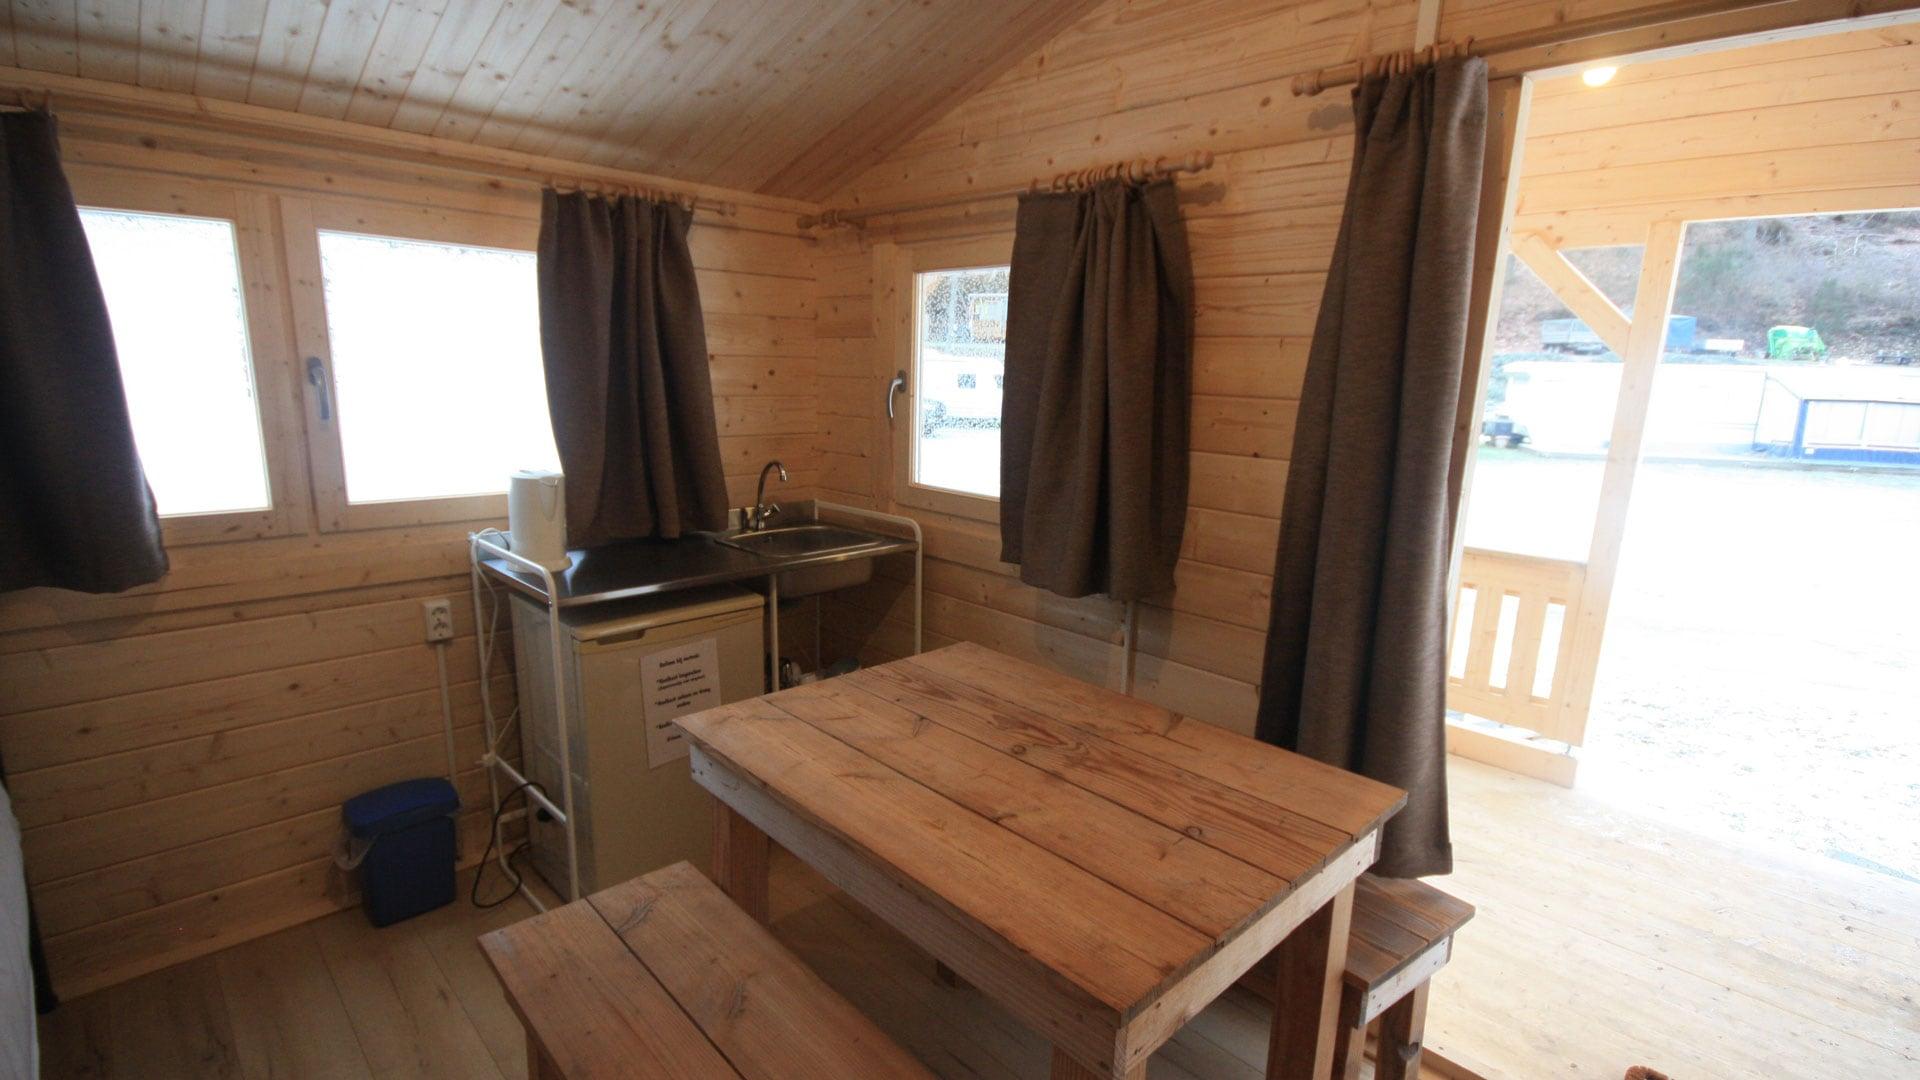 Chalet en rondins - Camping Kautenbach